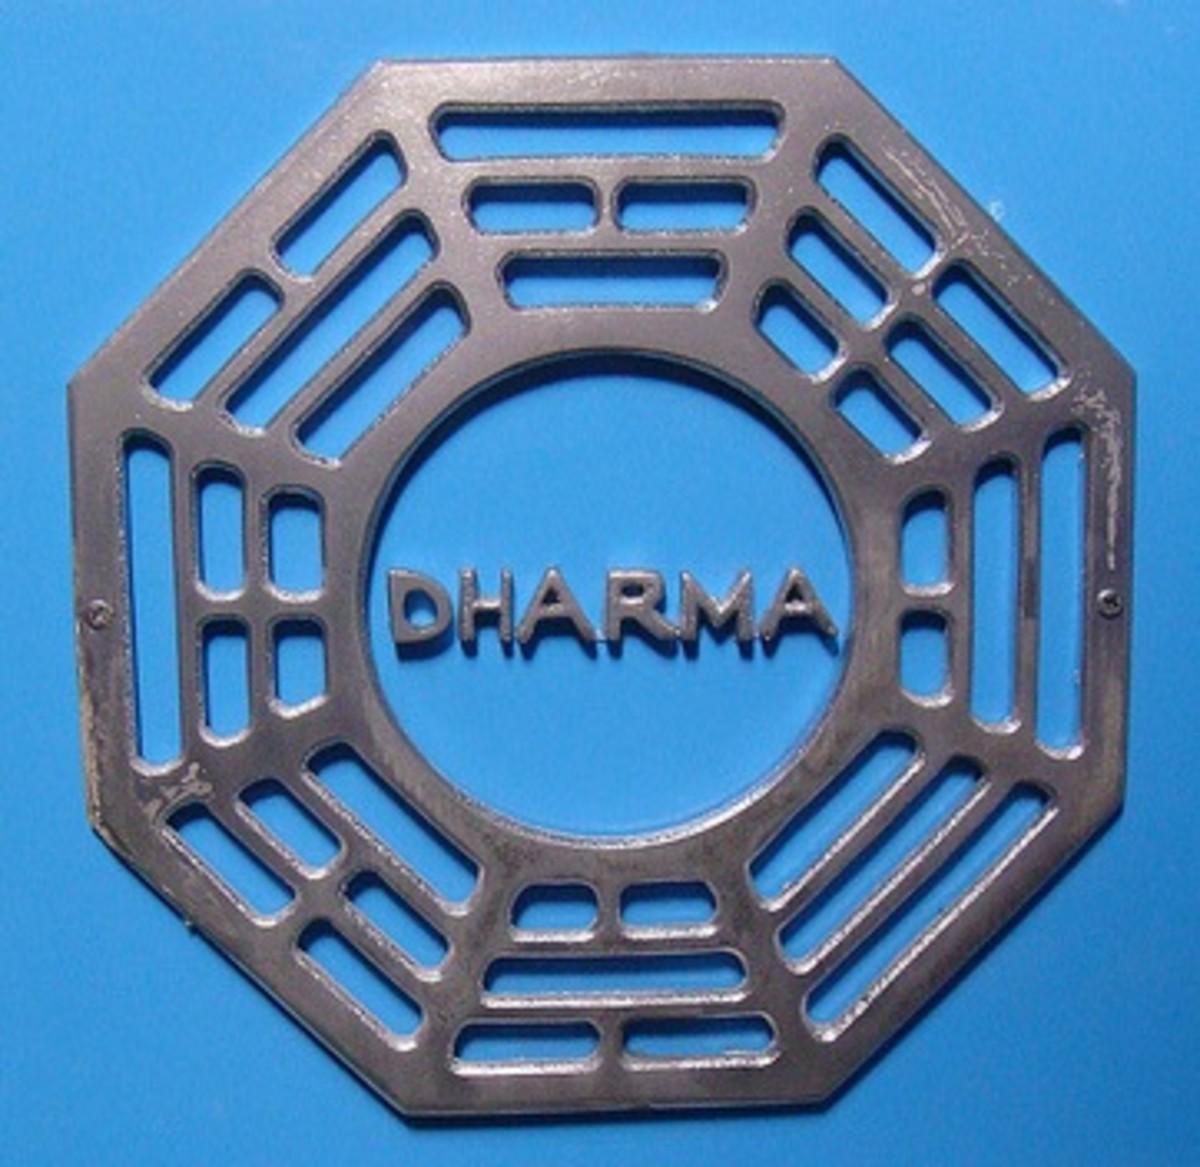 LOST - Dharma